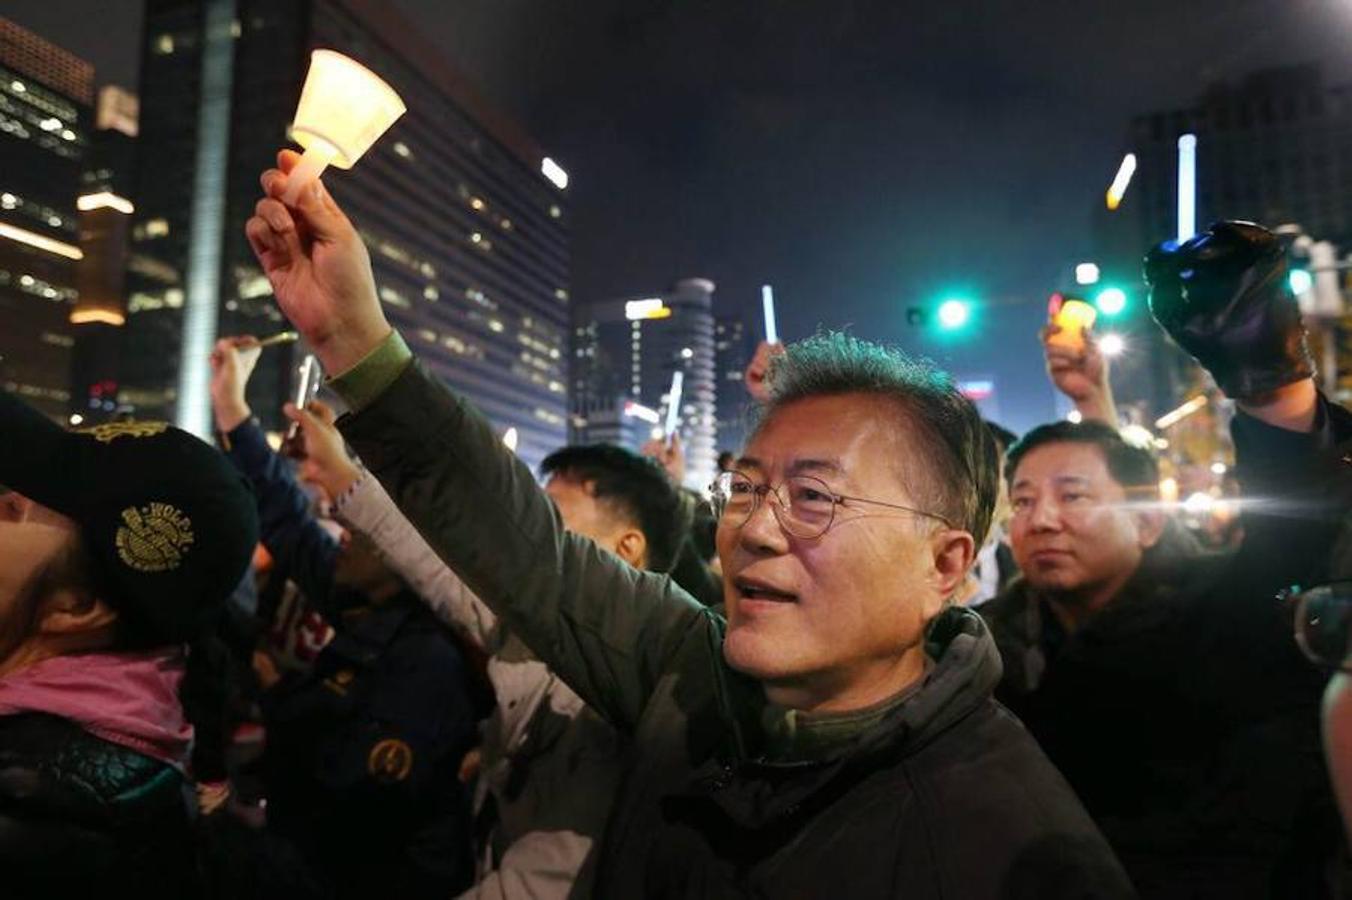 El centro de Seúl se ha llenado este sábado de cientos de miles de personas. Todas ellas han participado en una multitudinaria manifestación